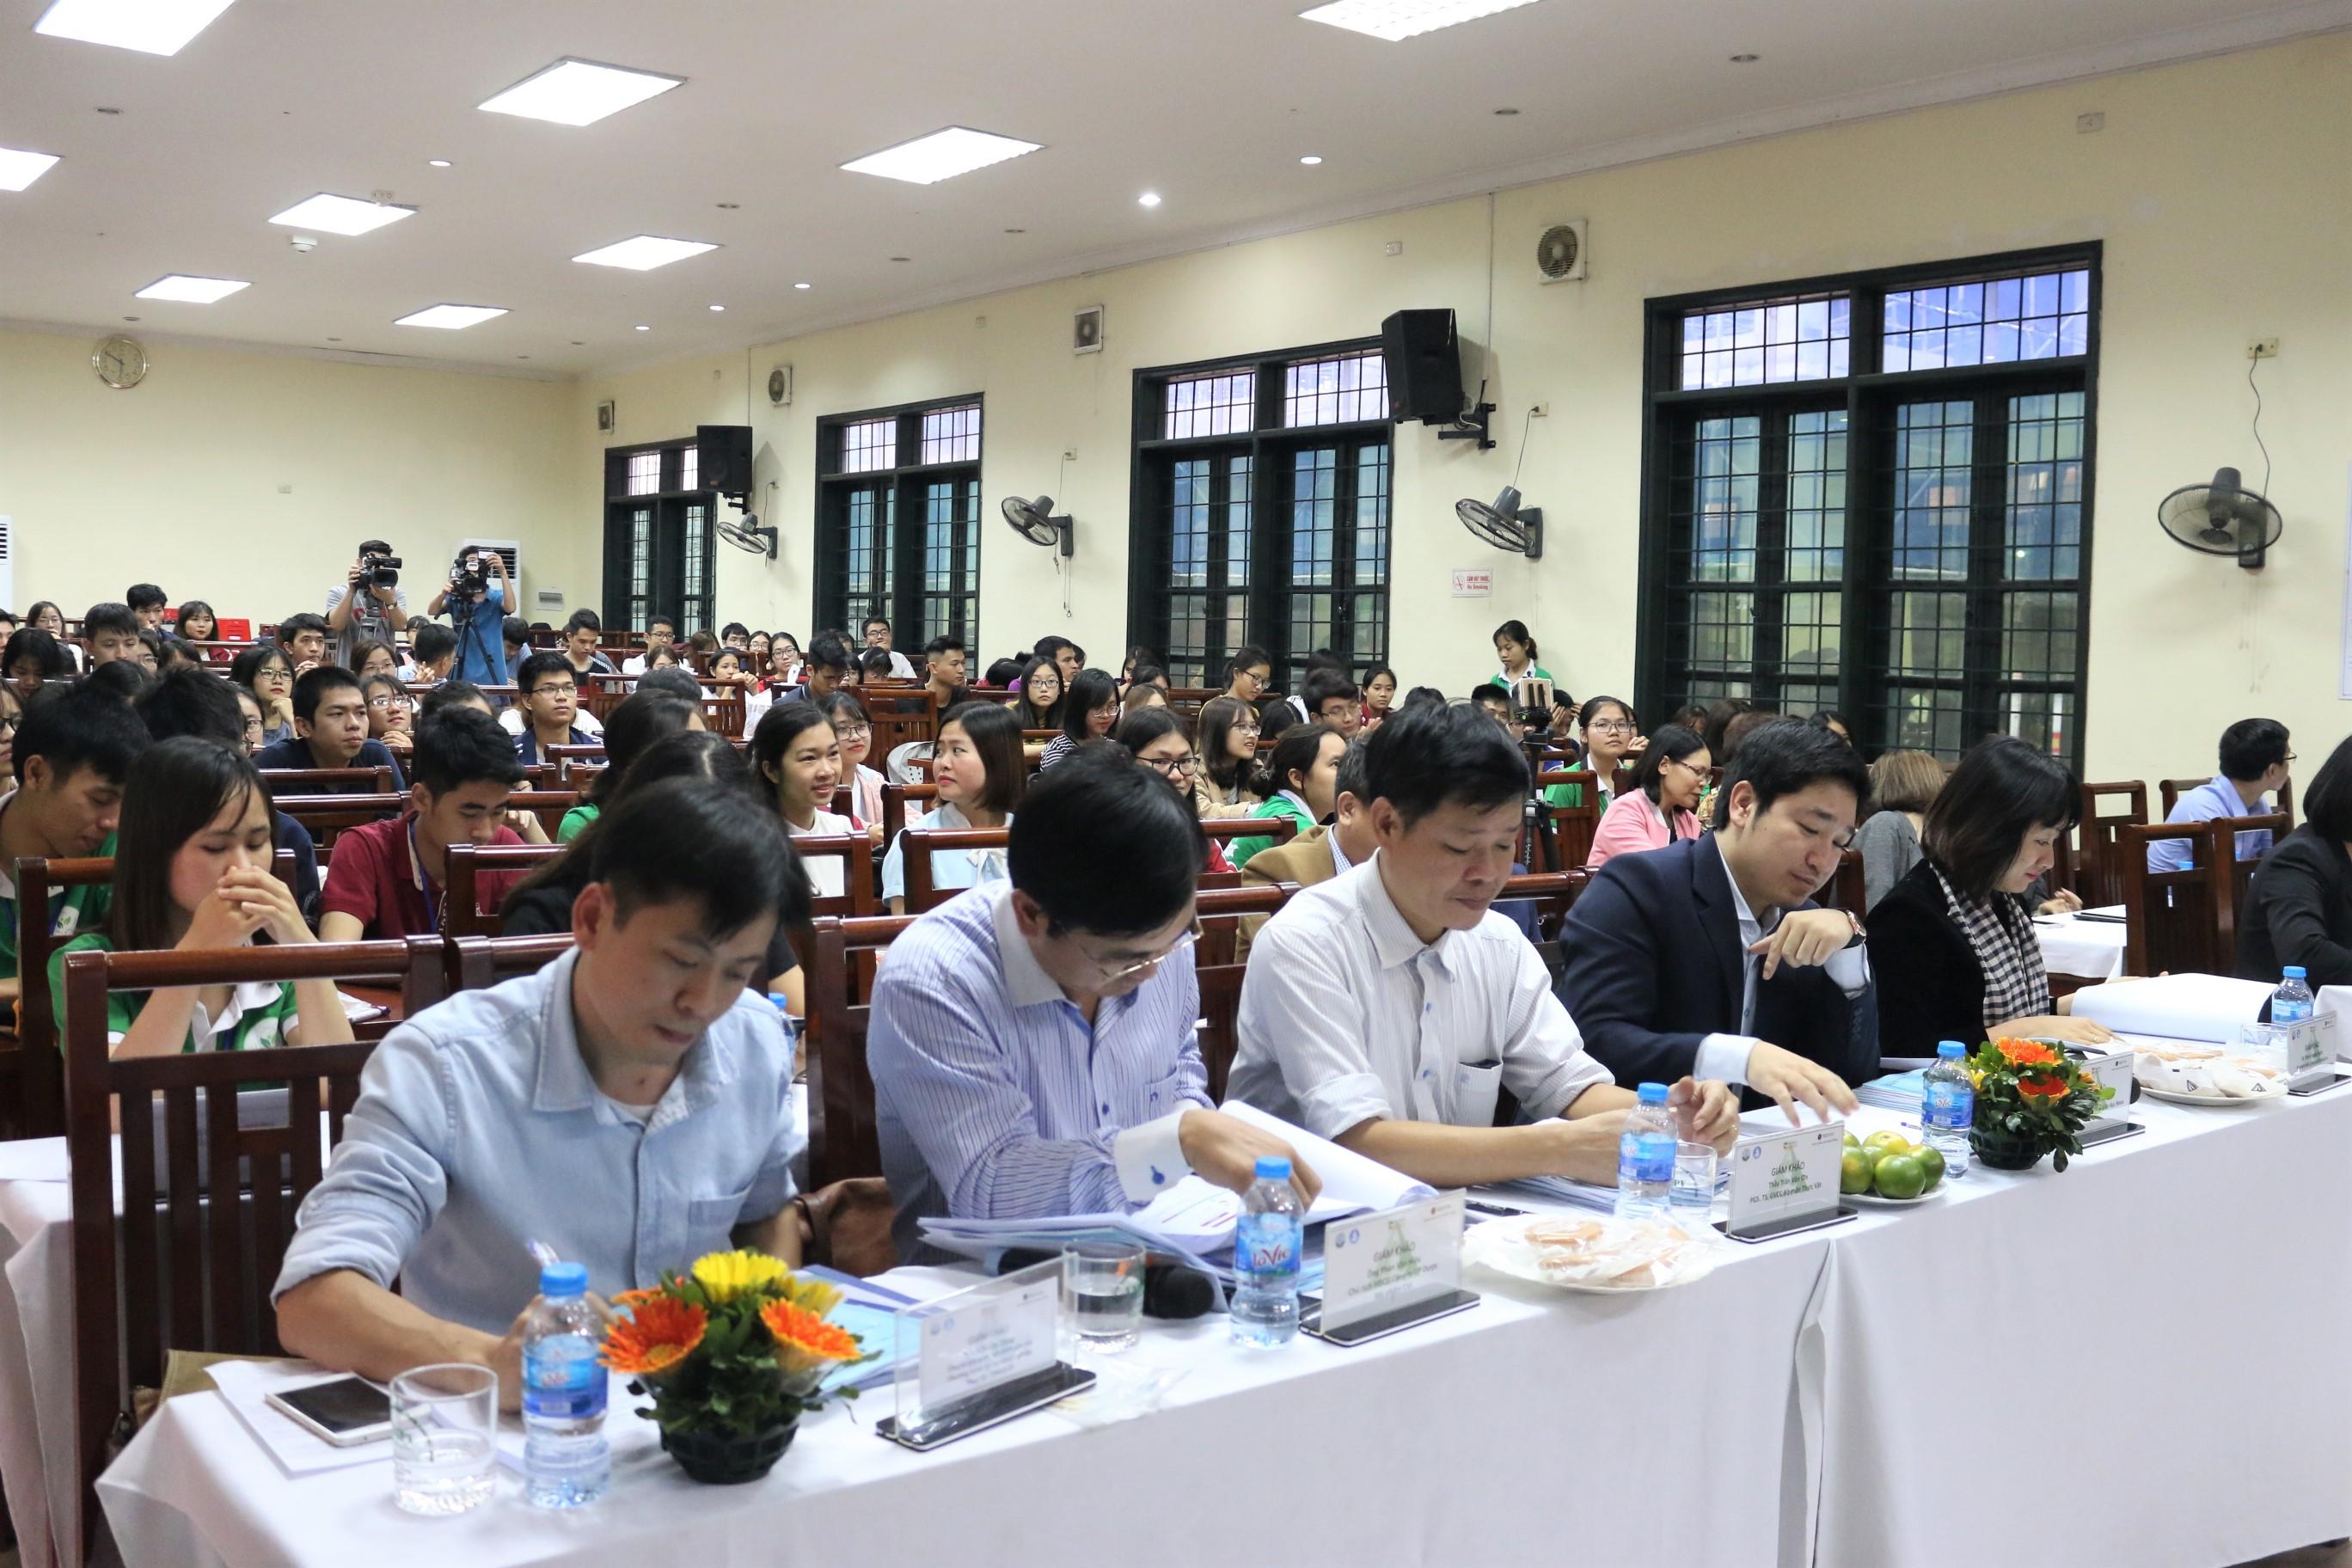 Gần 200 sinh viên trường Đại học Dược Hà Nội hào hứng quan tâm tới đêm chung kết Khởi nghiệp Dược.